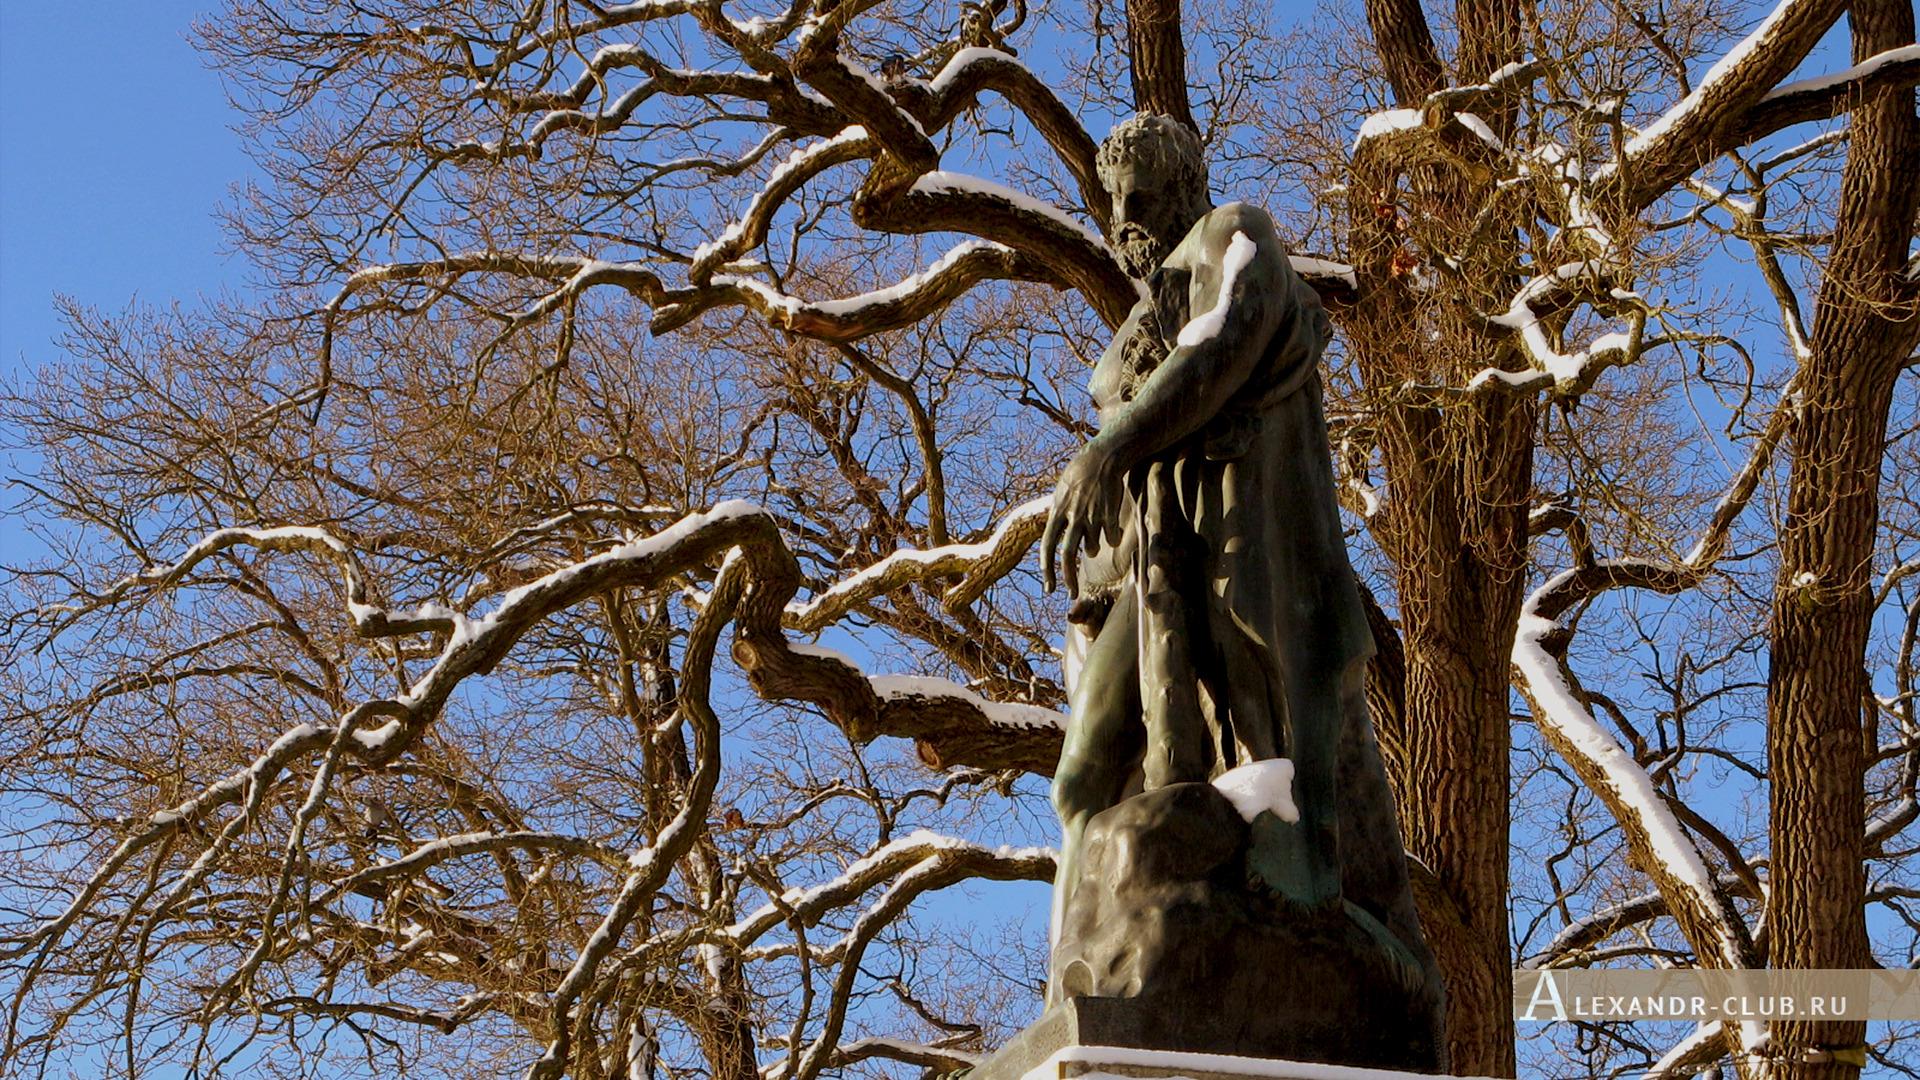 Царское Село, зима, Екатерининский парк, статуя Геркулеса Фарнезского